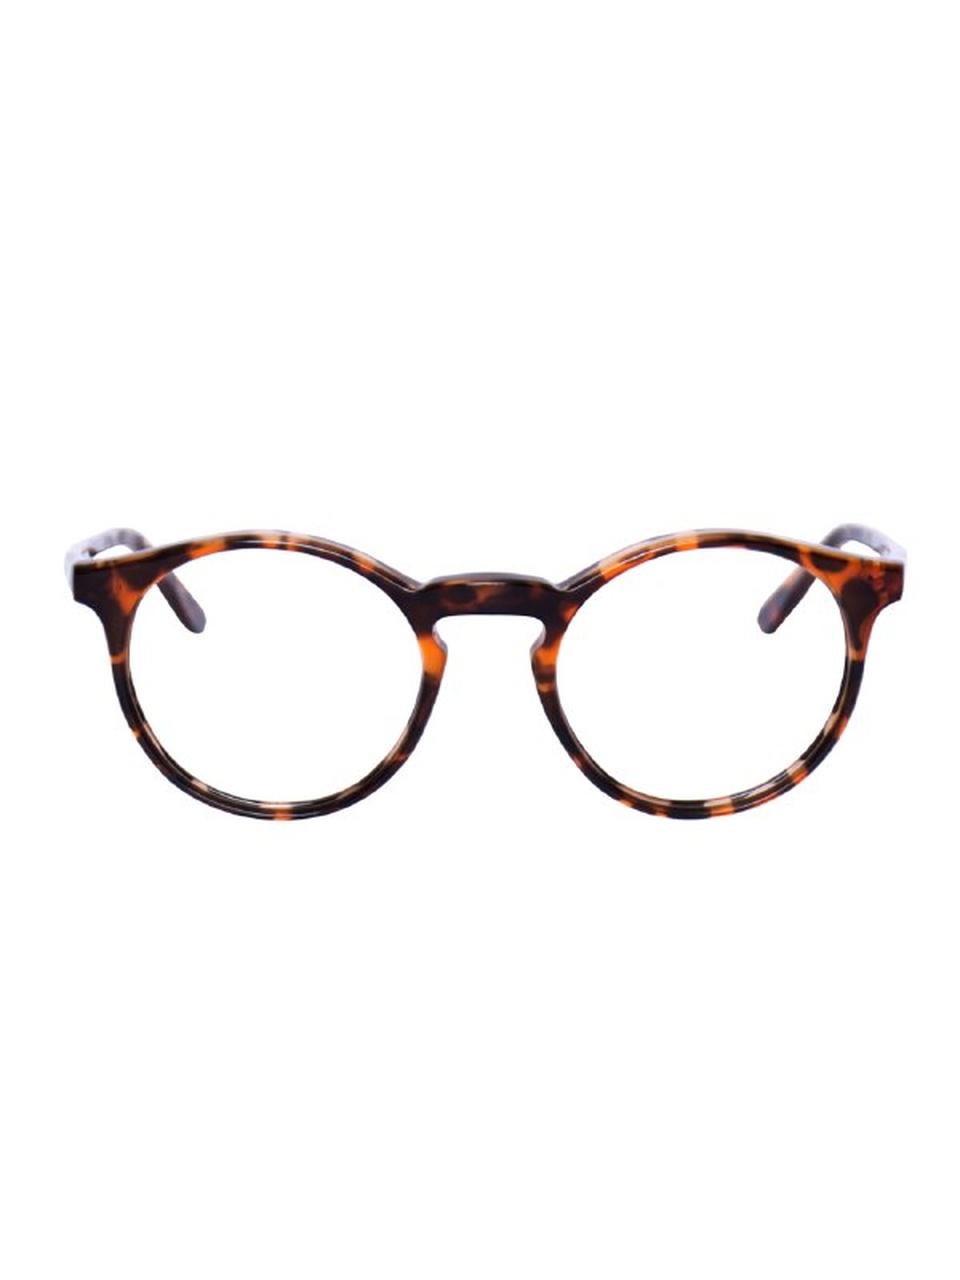 oculos-redondo-retro-matilda-acetato-turtle-frente